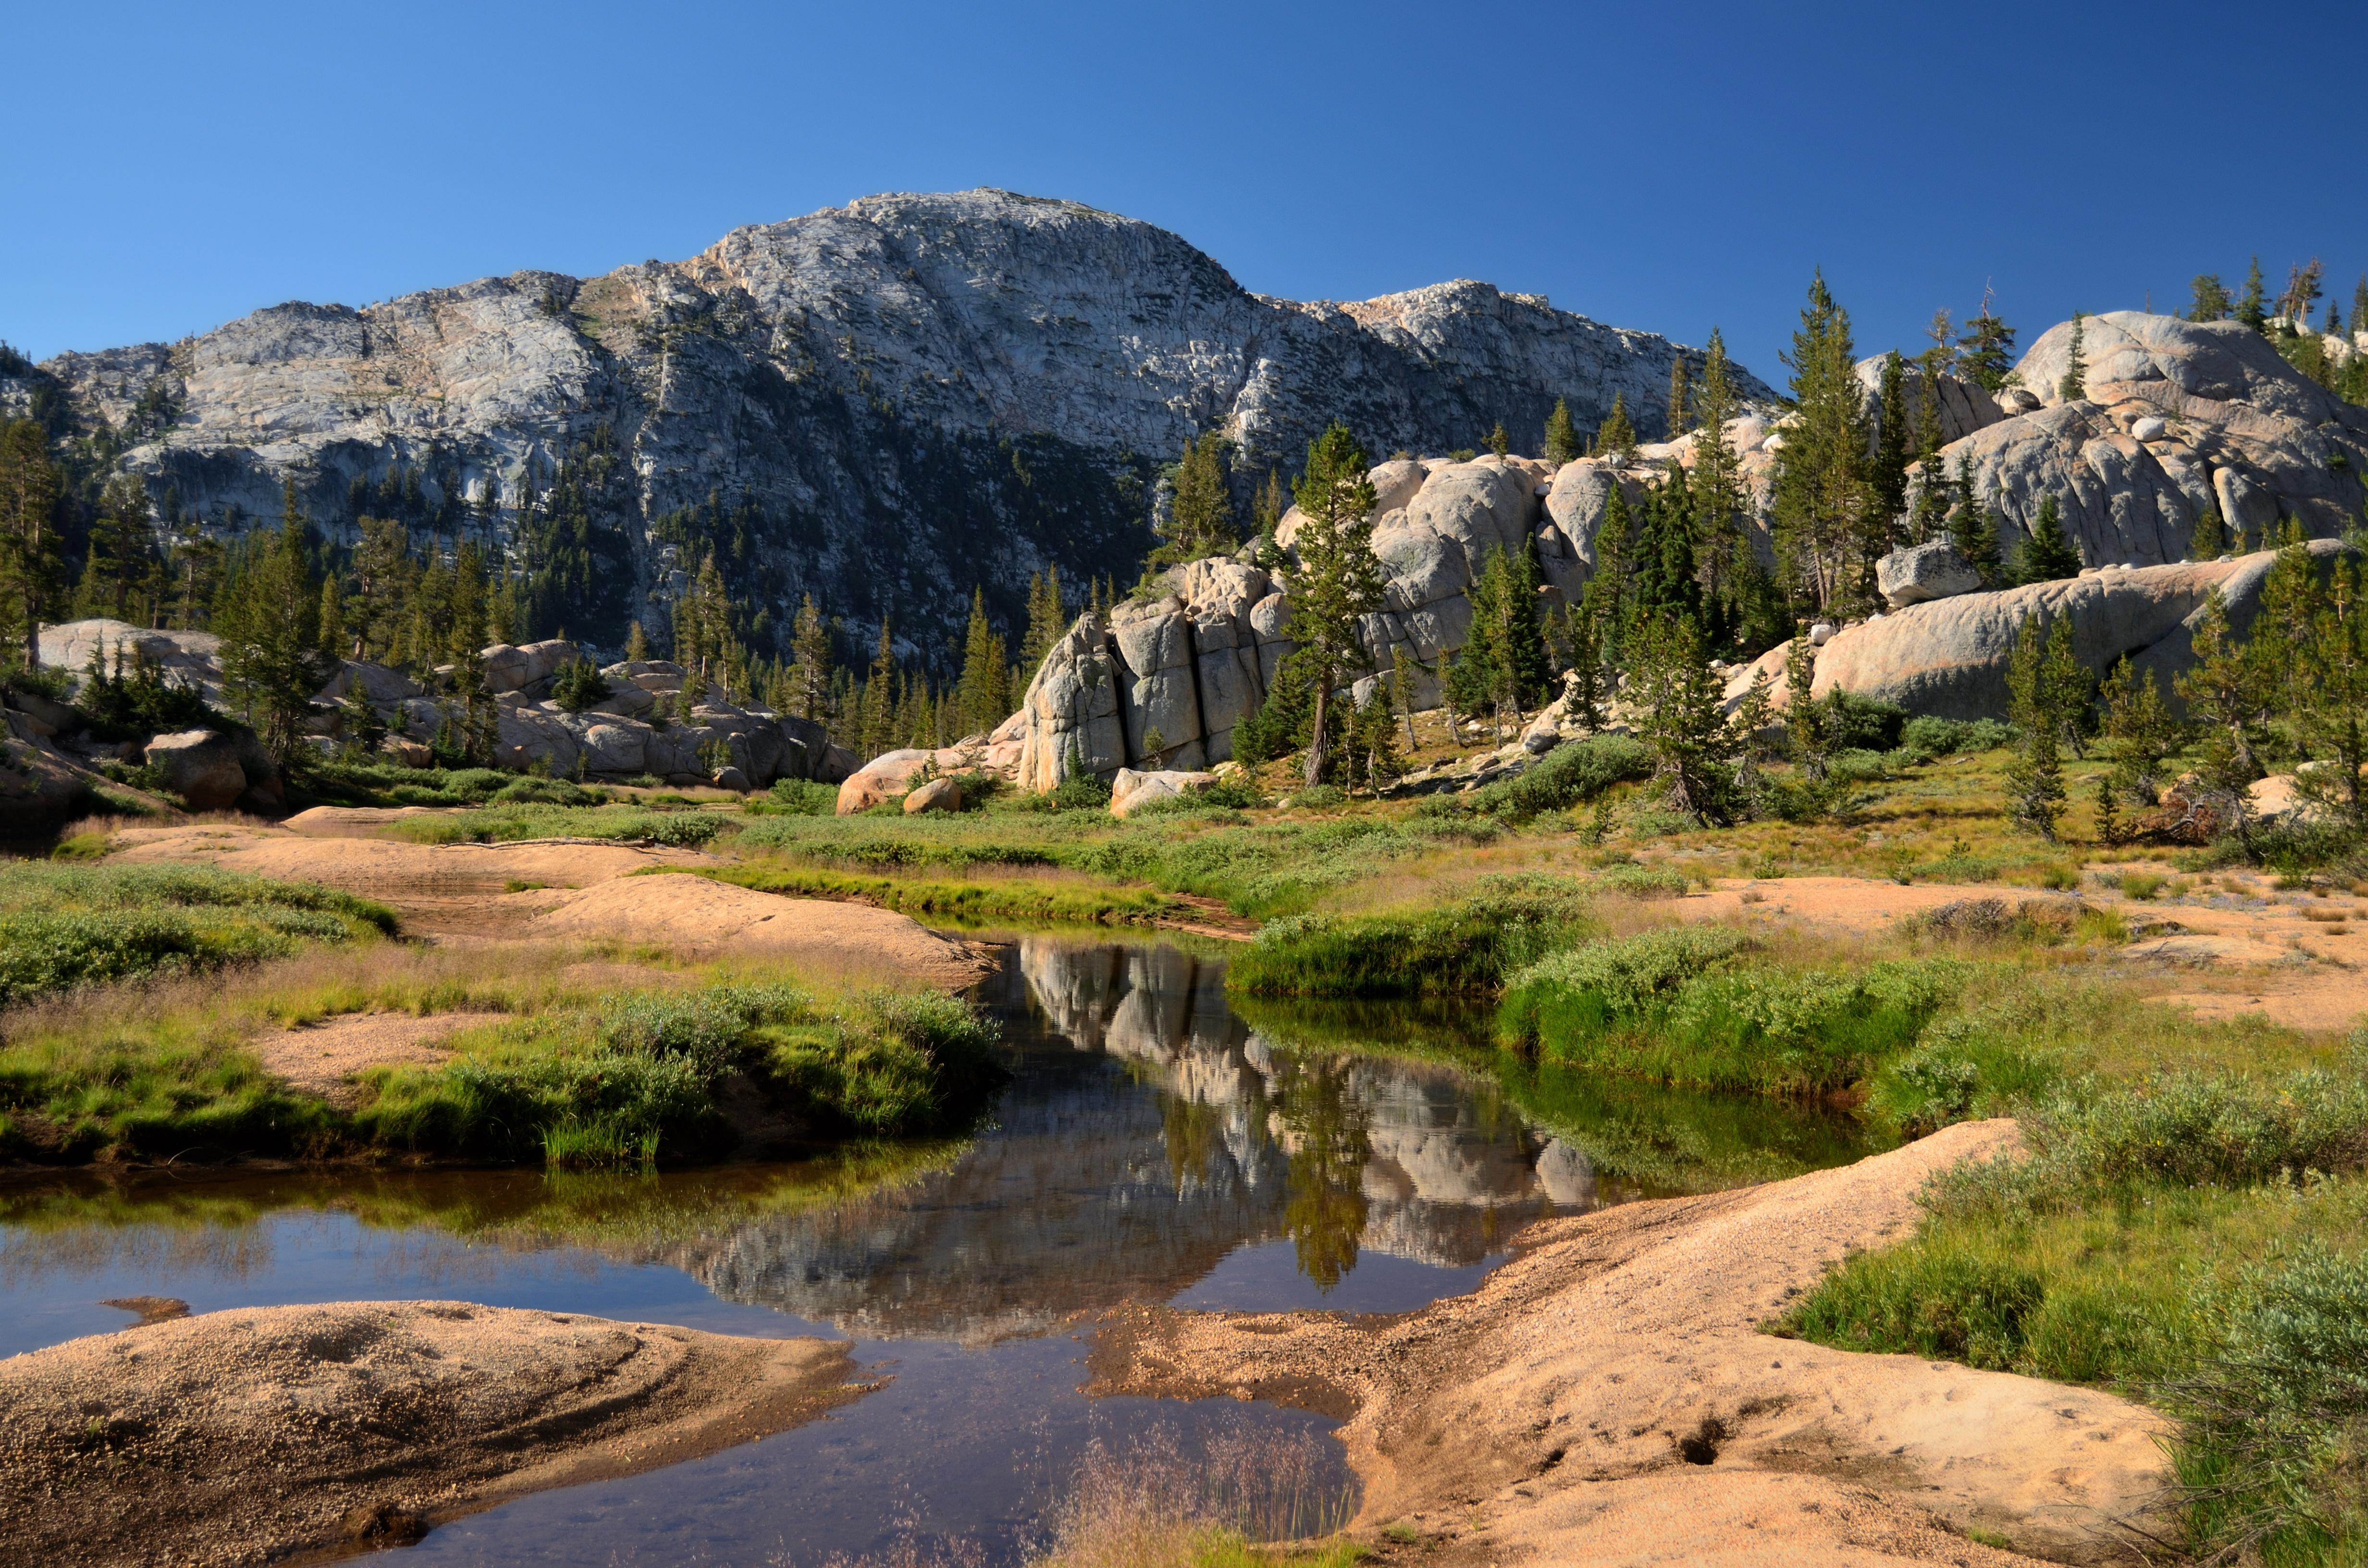 149783 завантажити шпалери Пейзаж, Природа, Річка, Гори, Скелі, Порід - заставки і картинки безкоштовно